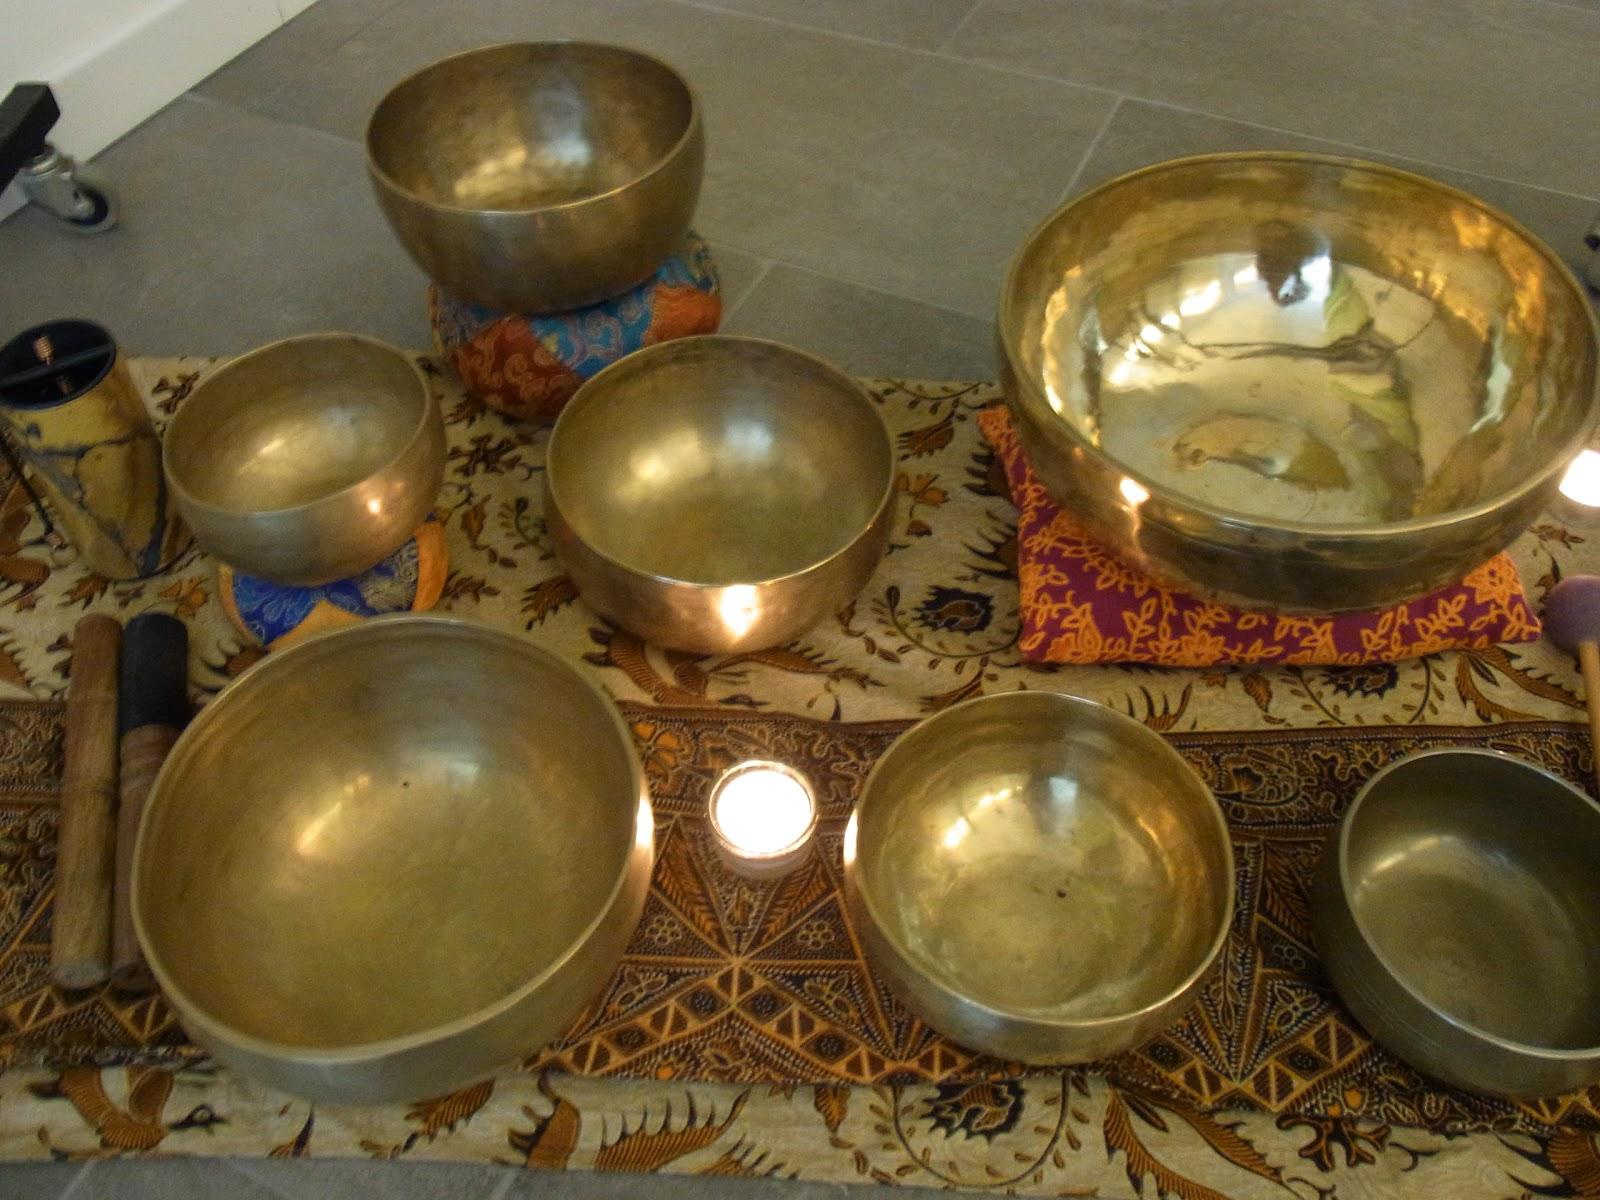 My gong bagno di gong in piscina - Bagno di gong effetti negativi ...